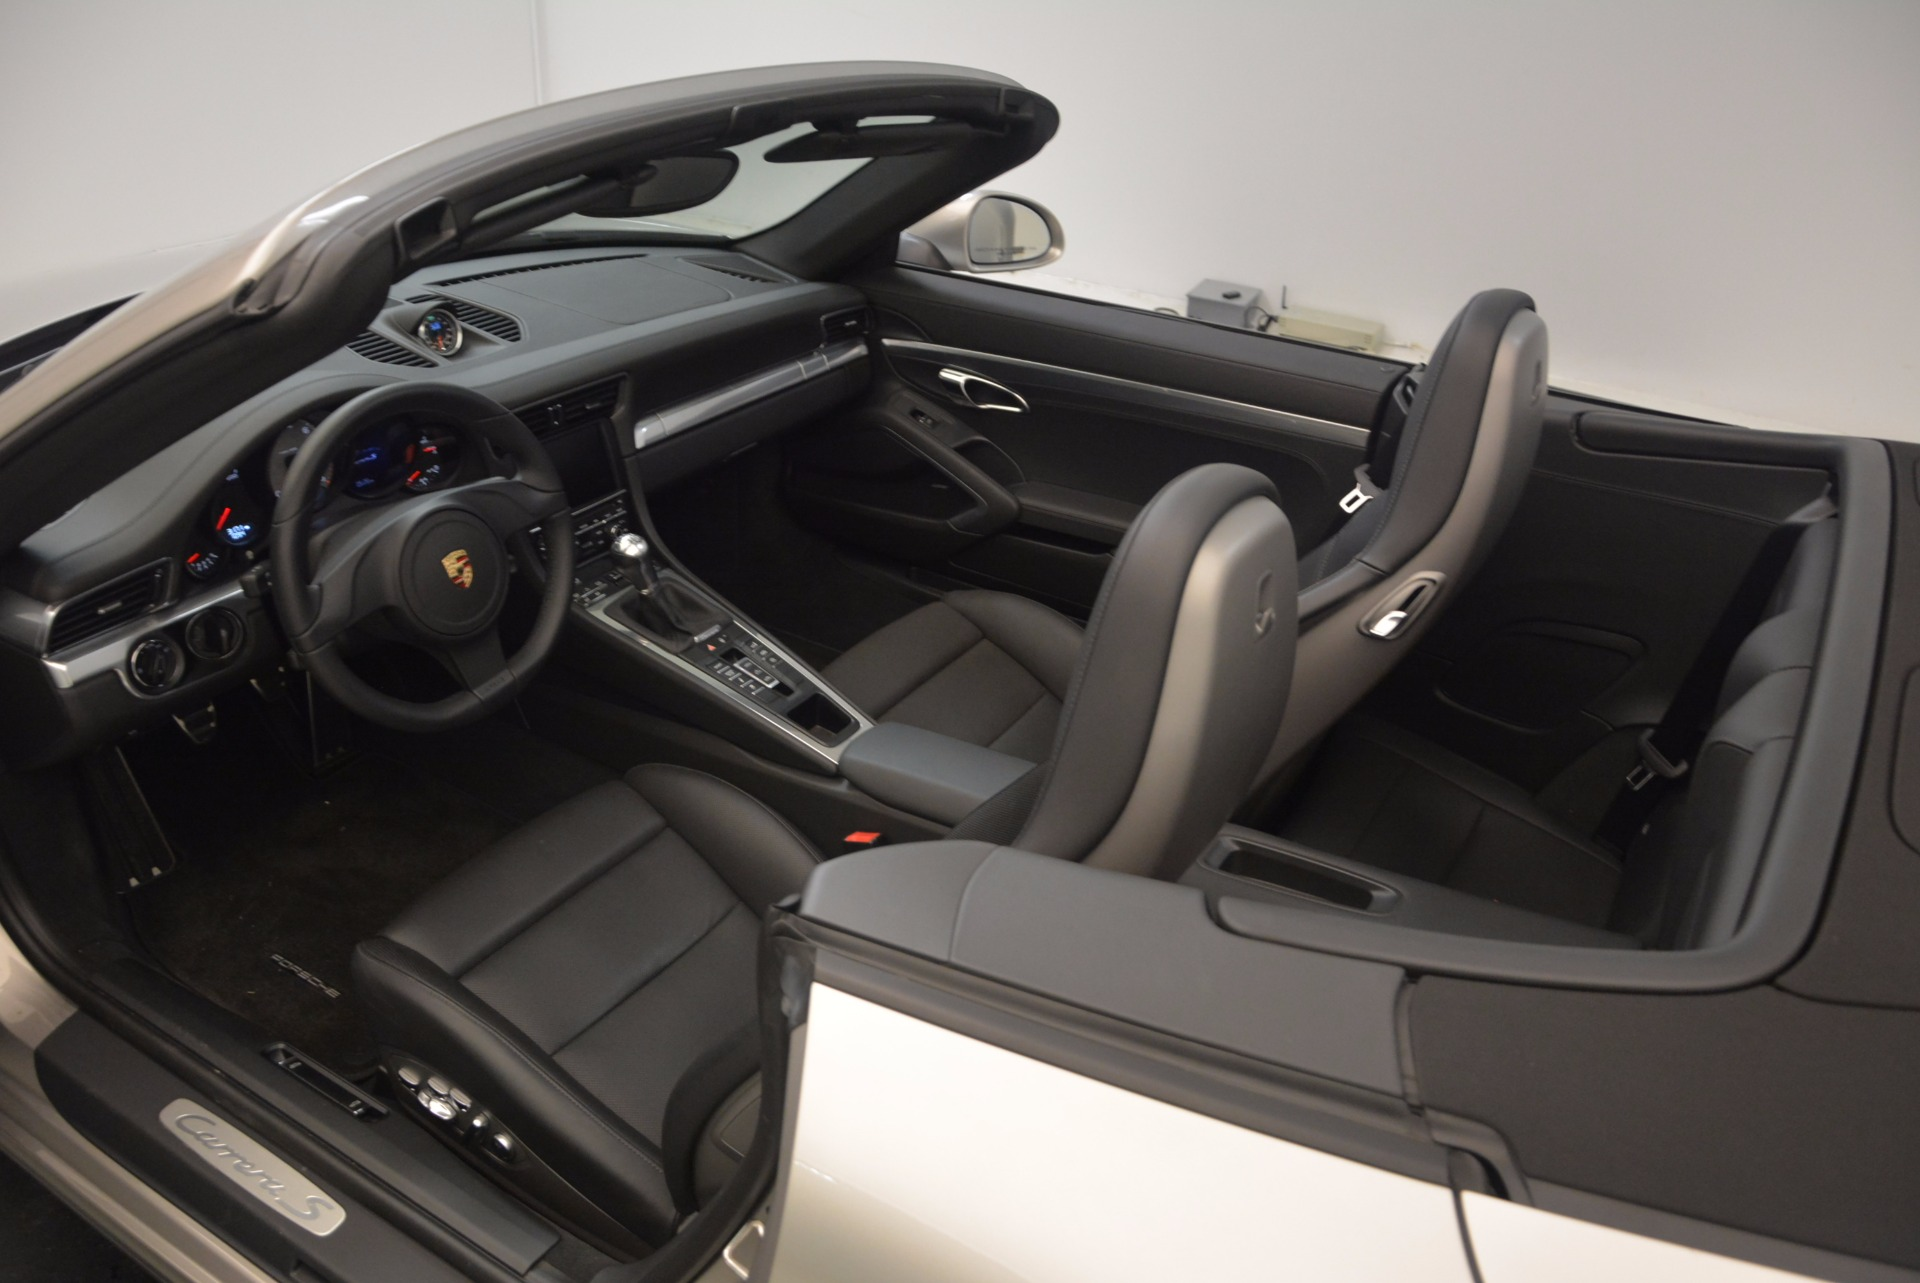 Used 2012 Porsche 911 Carrera S For Sale In Greenwich, CT 1790_p24